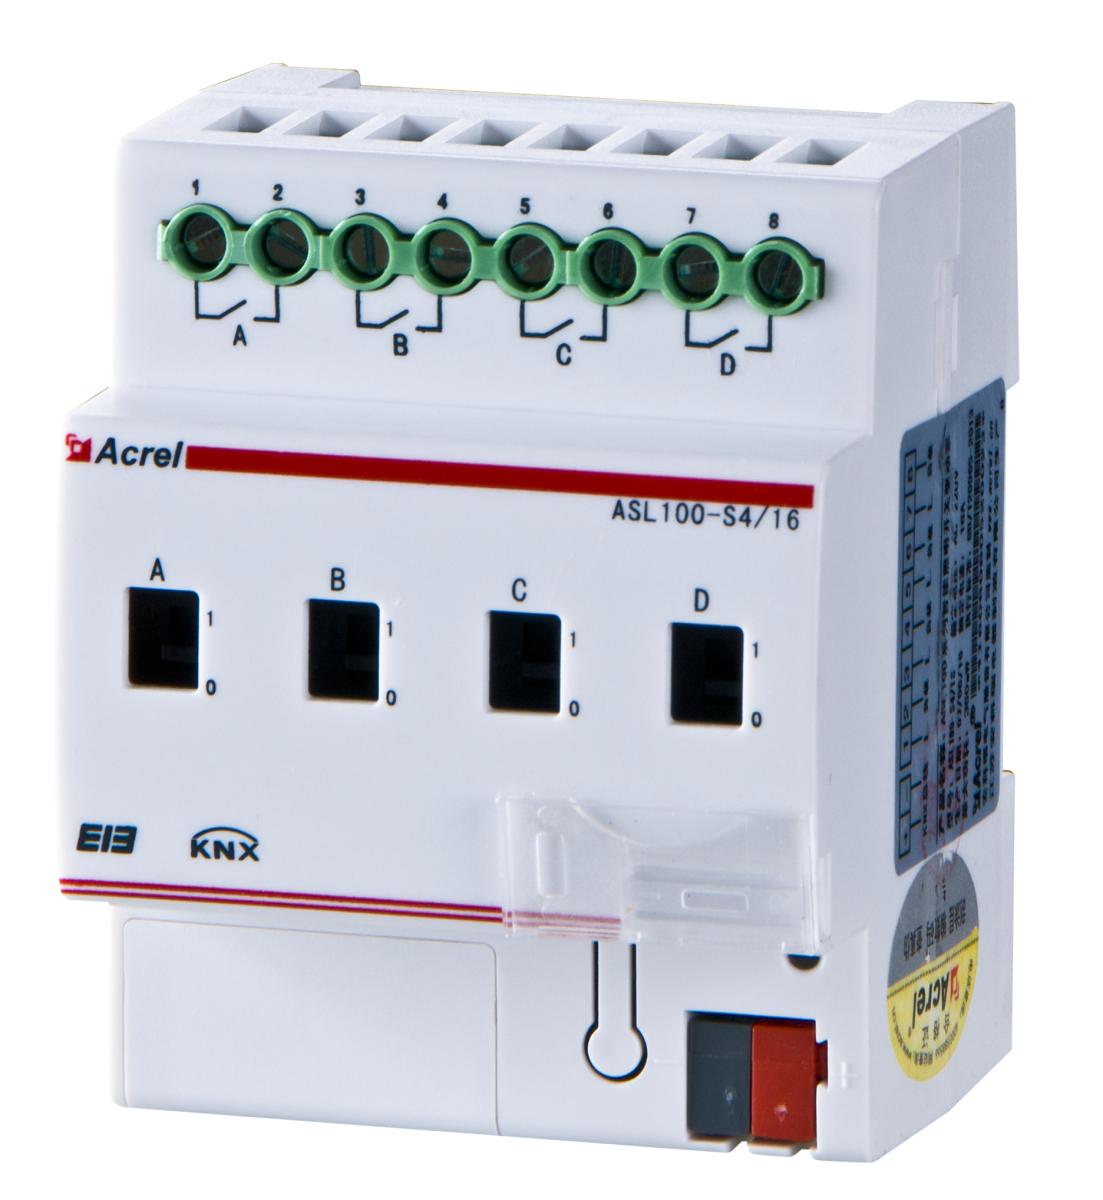 澳客比分直播即时比分4路开关驱动器ASL100-S4/16 开关状态设定